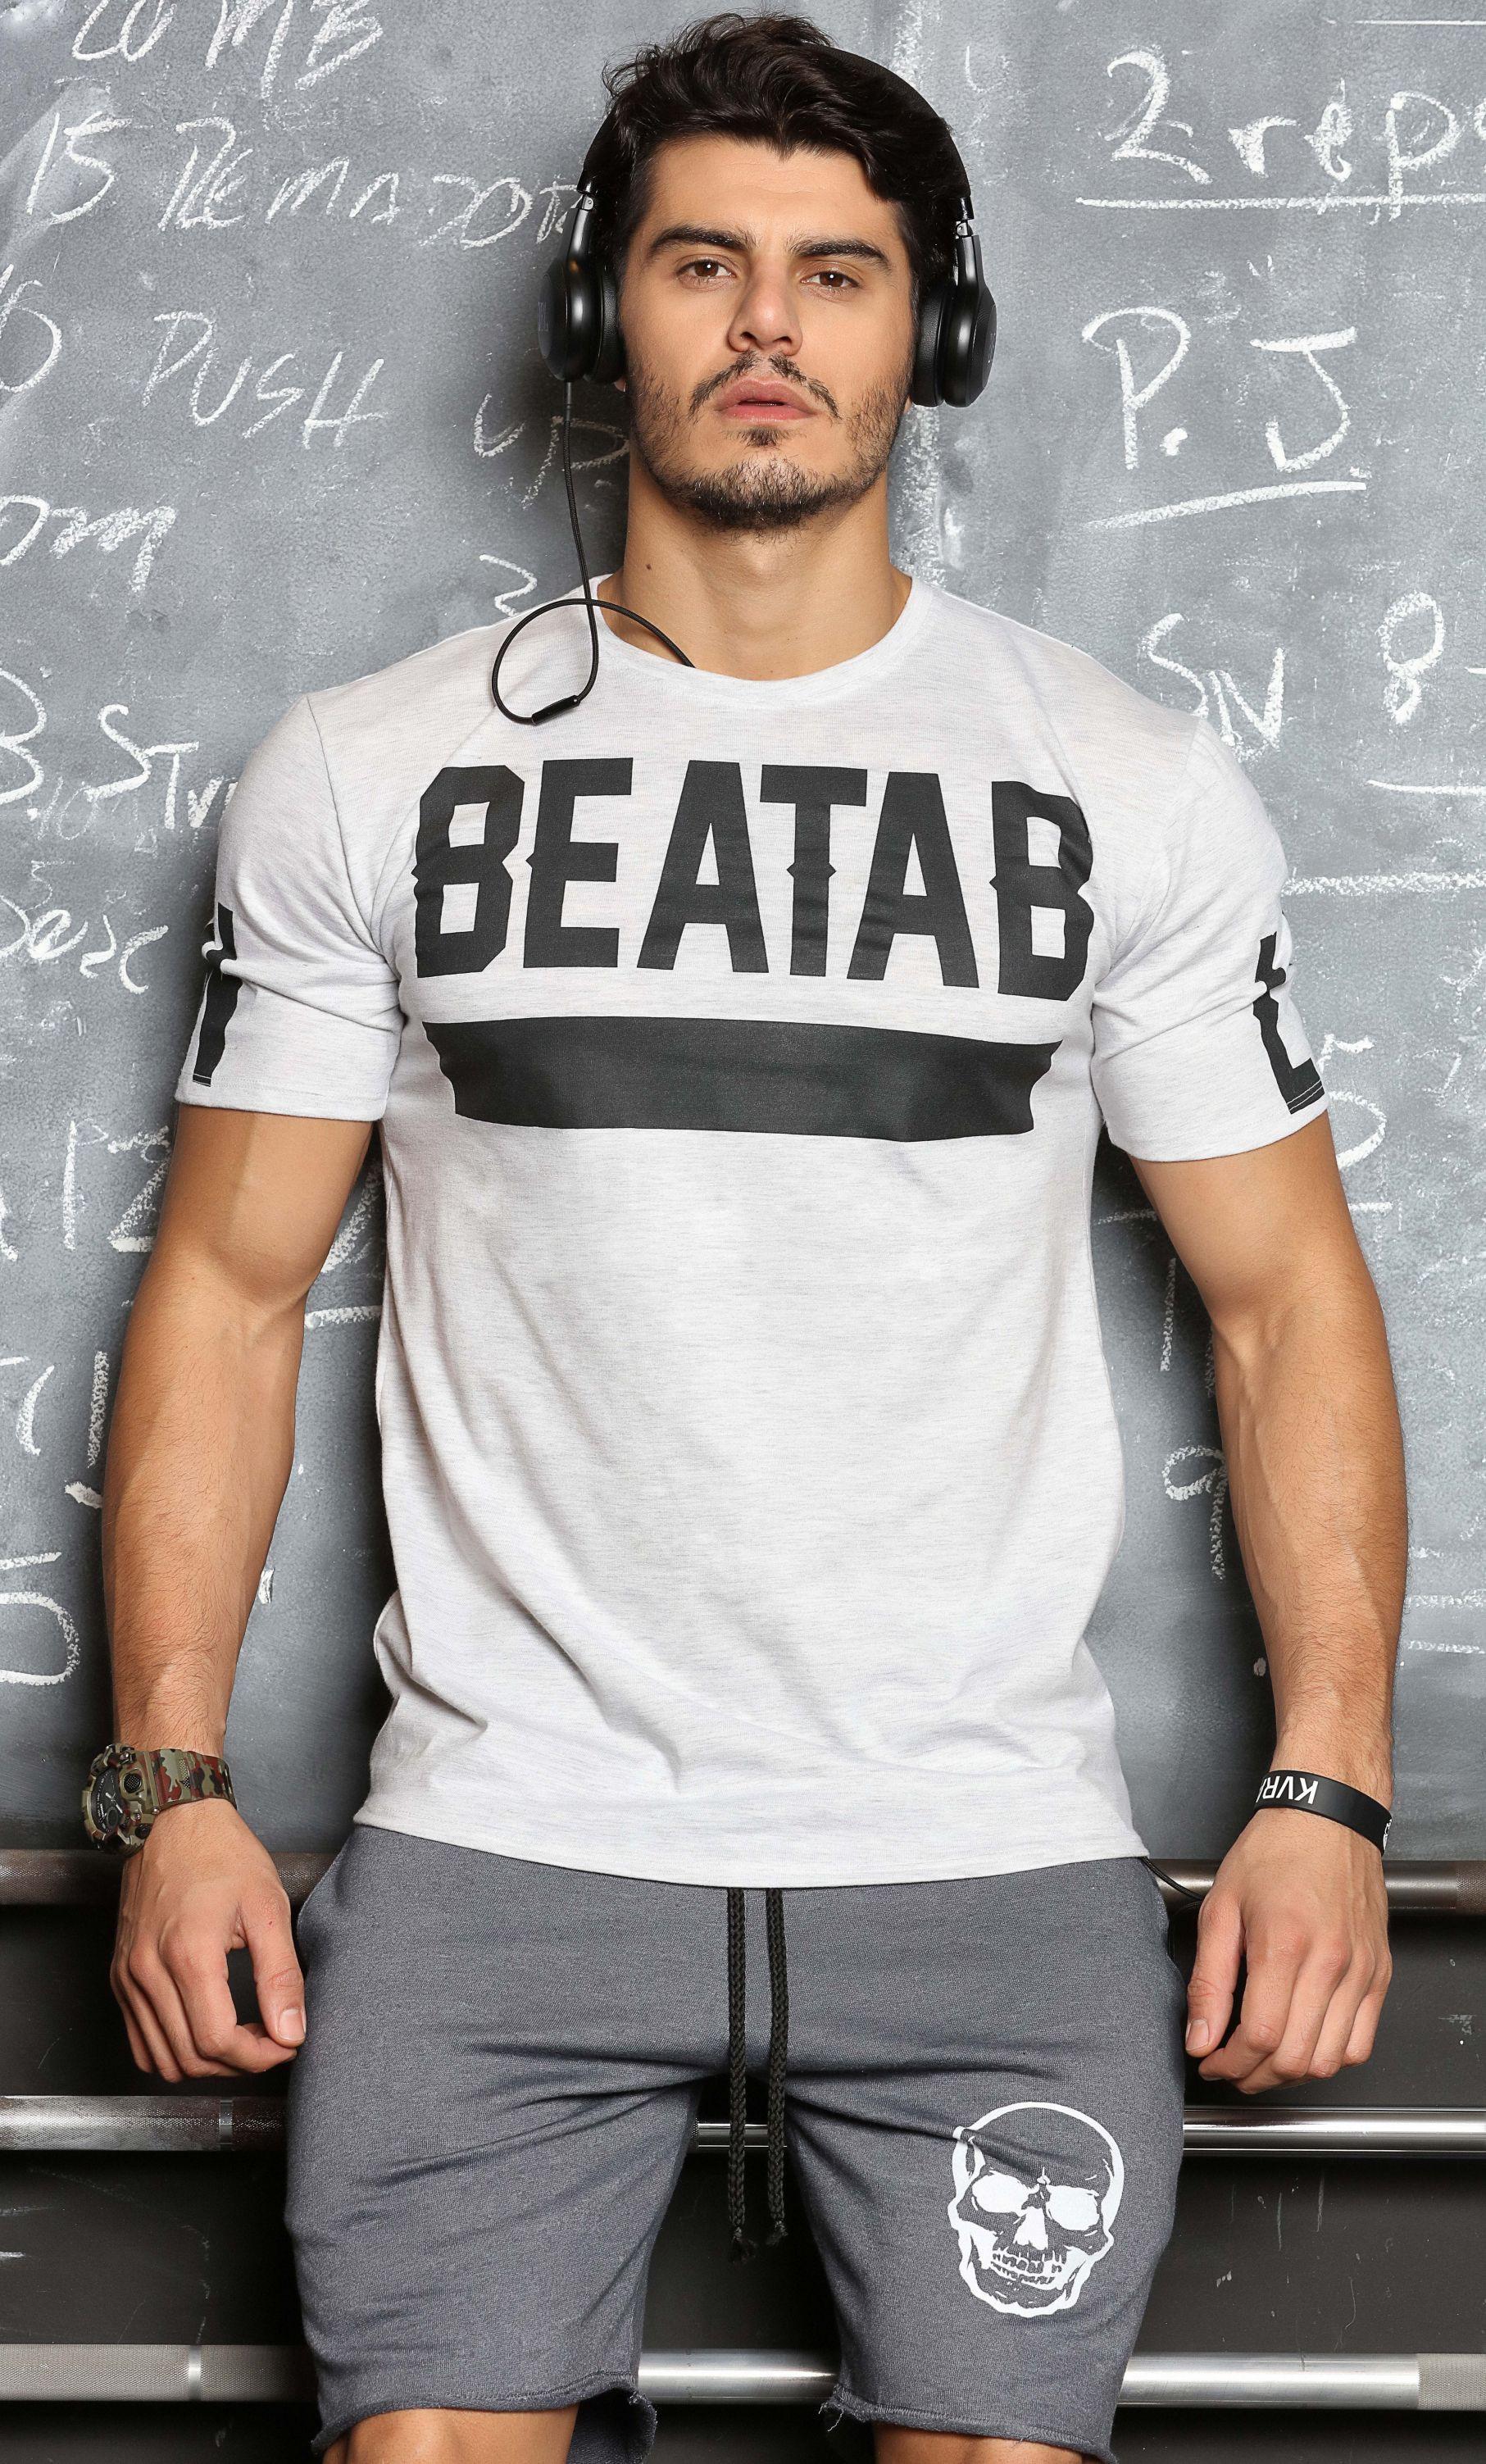 bdfb66745 Camisa Masculina Unbeatable - Donna Carioca - Moda fitness com preço de  fábrica